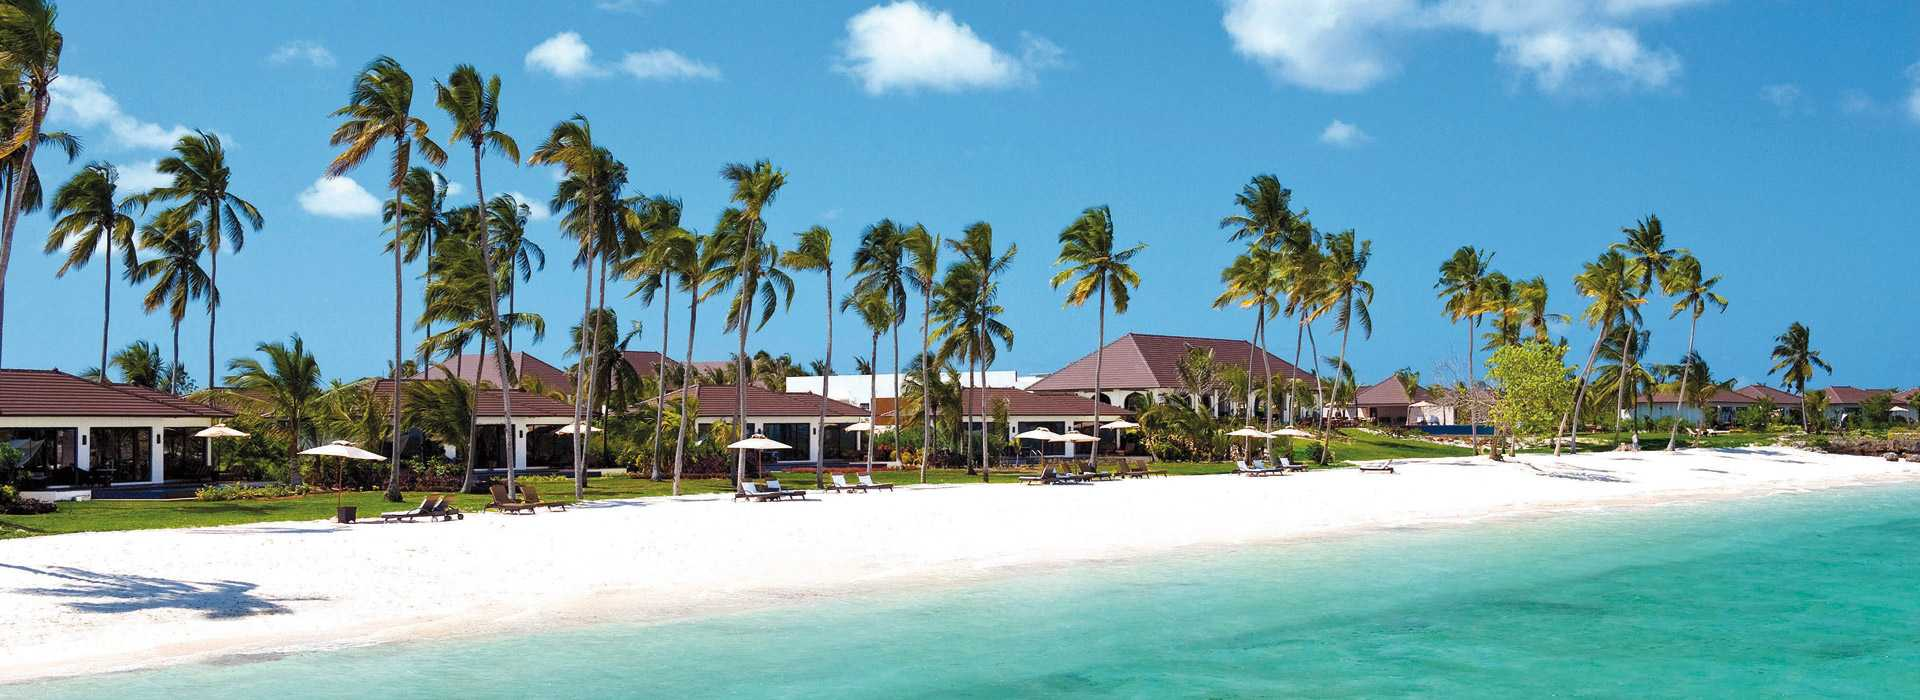 Blue Bay Beach Resort Zanzibar